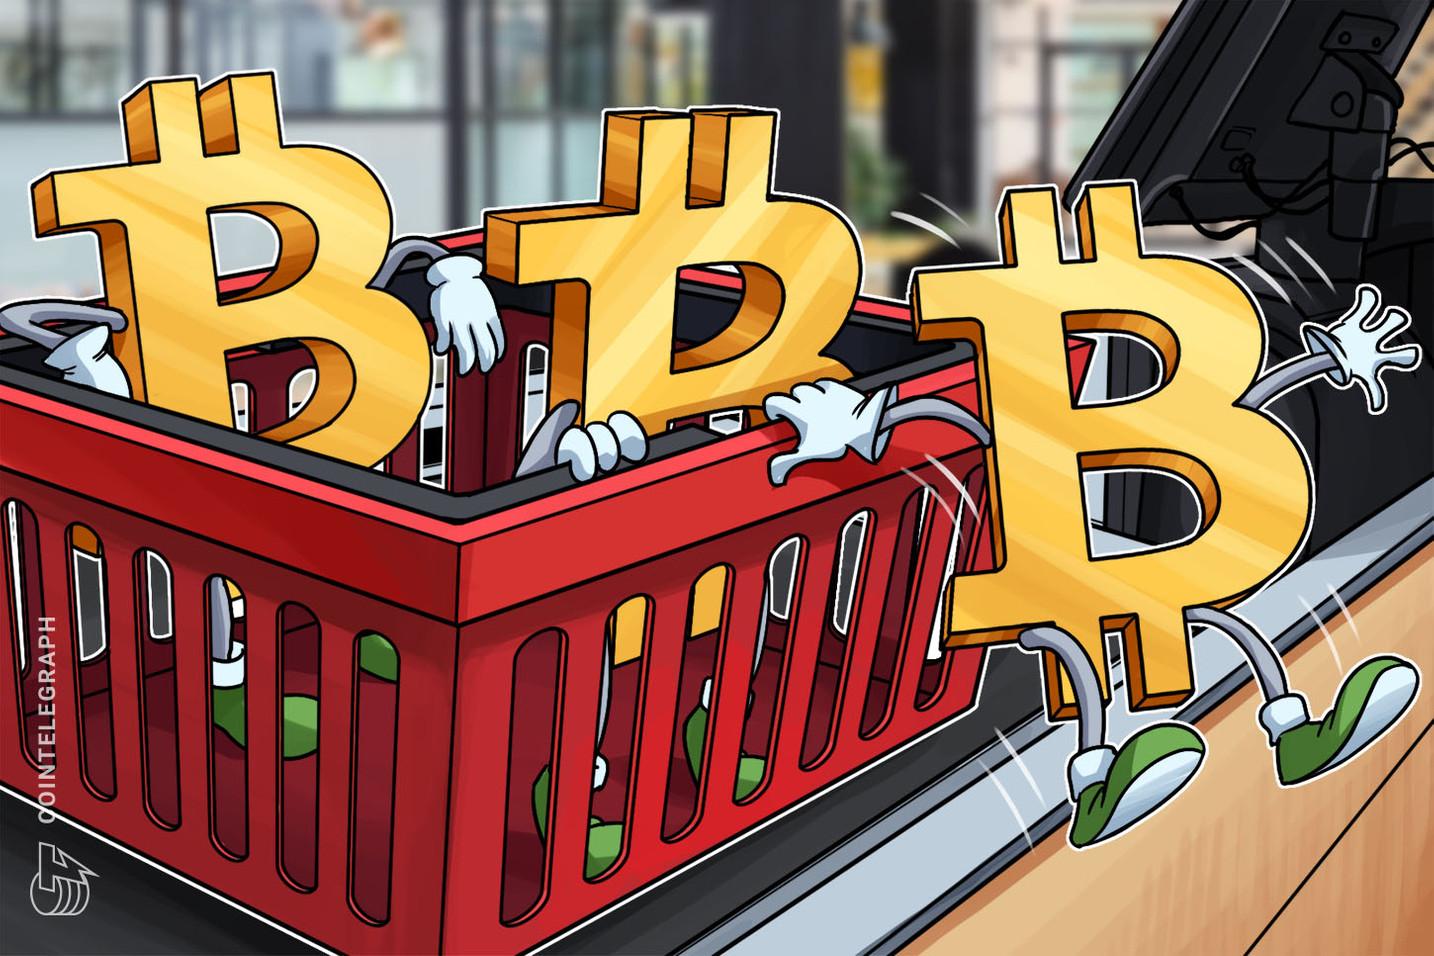 仮想通貨取引所シェイプシフト、THORチェーンとの統合を発表